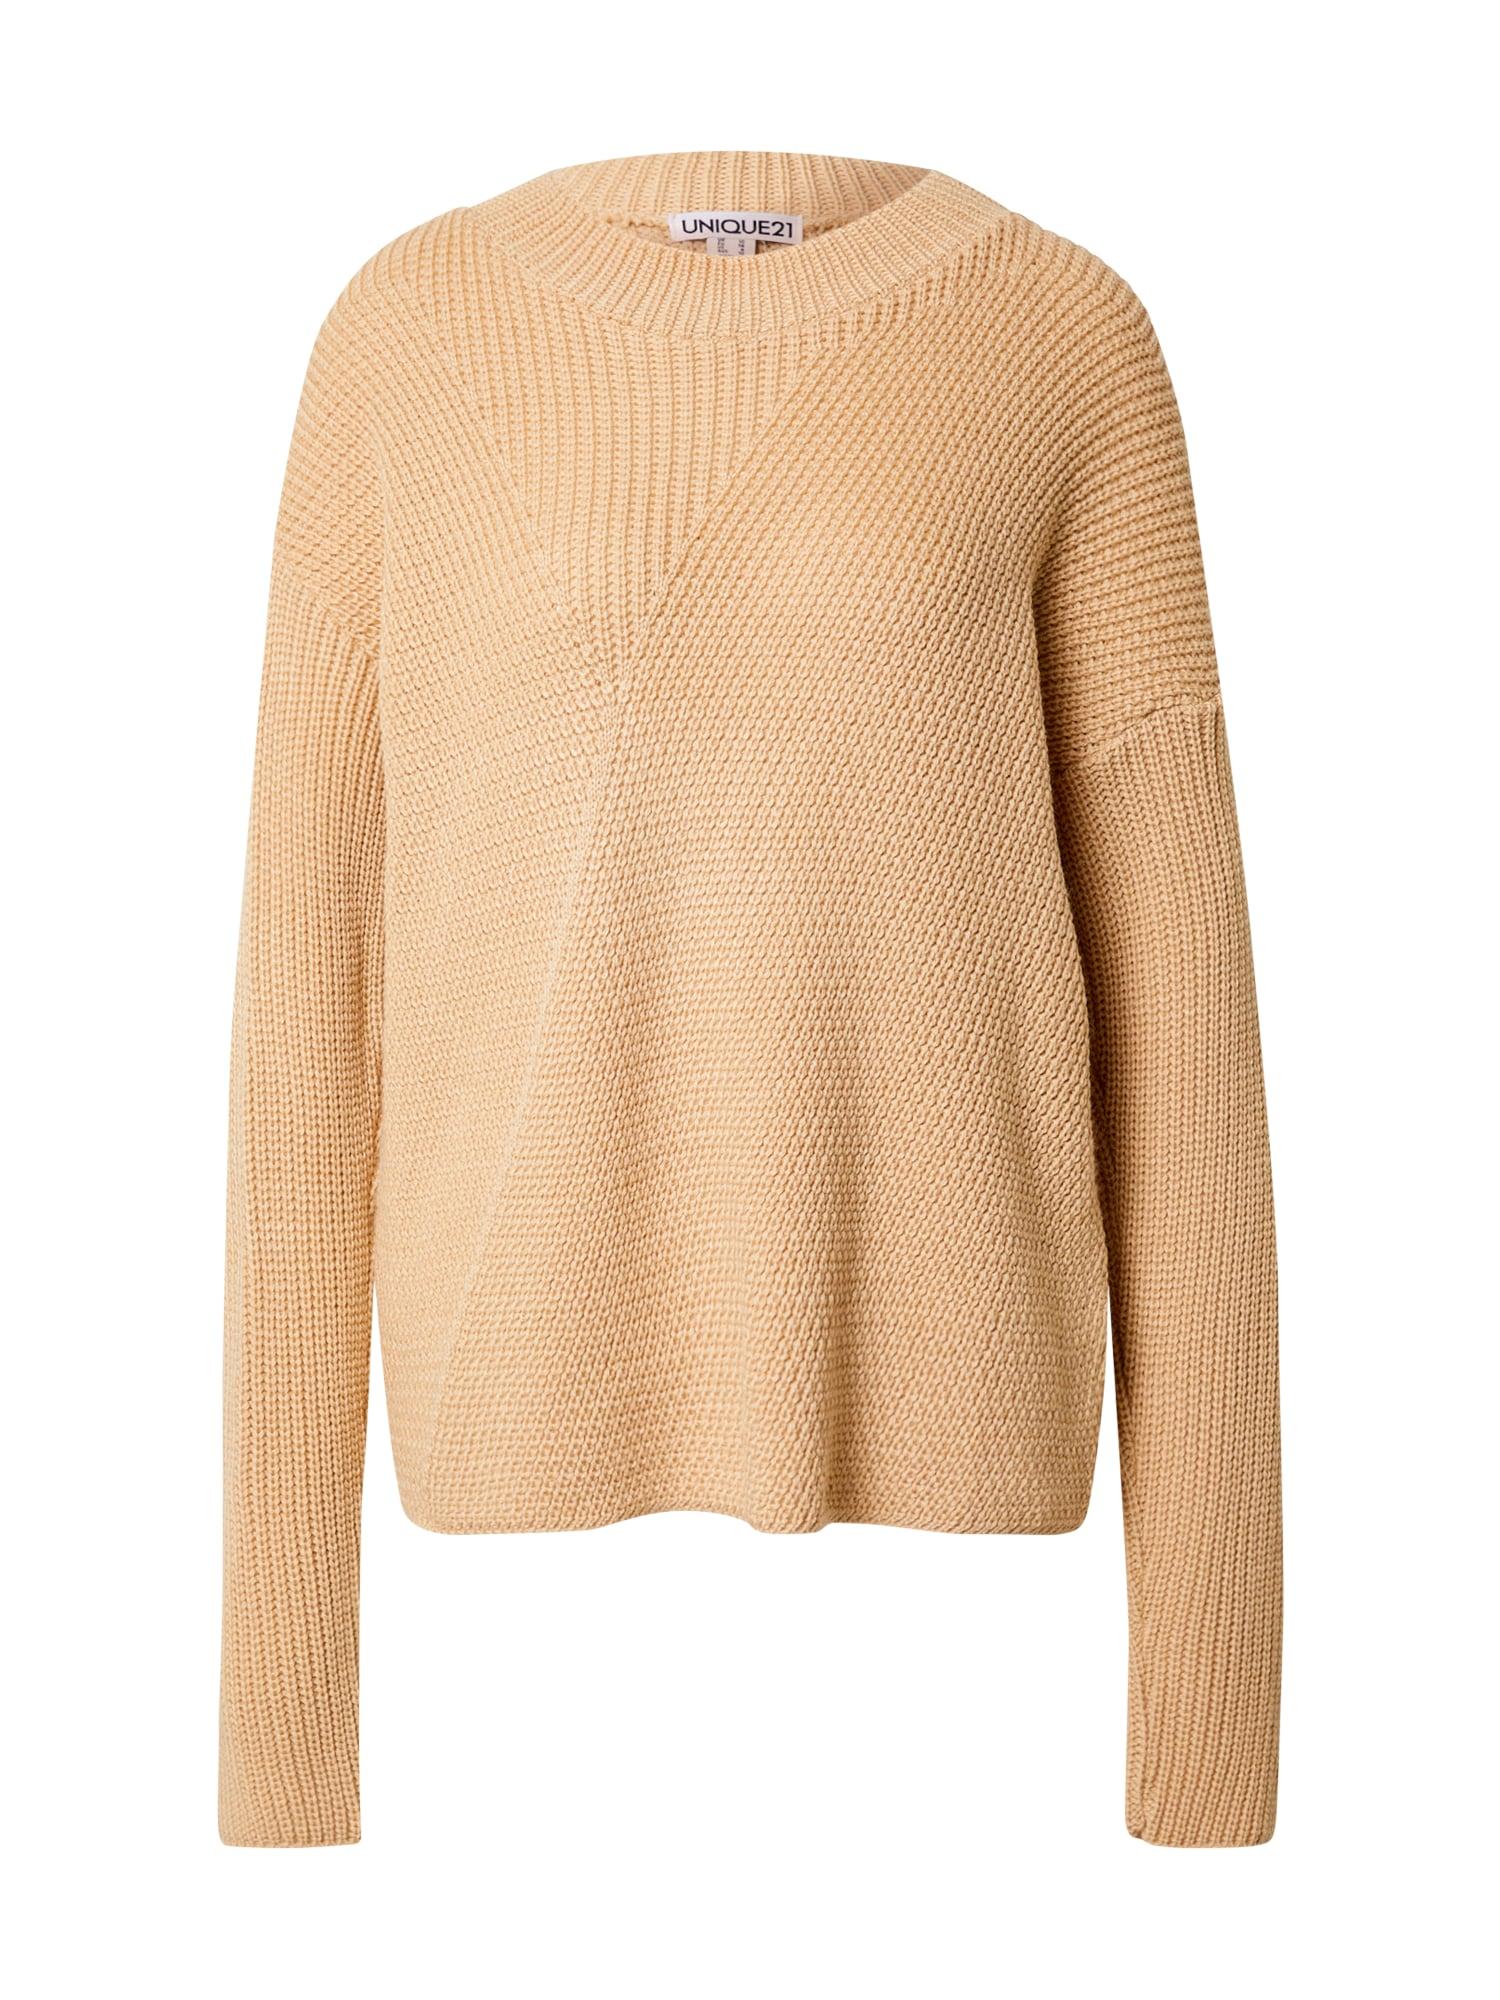 Unique21 Megztinis smėlio spalva